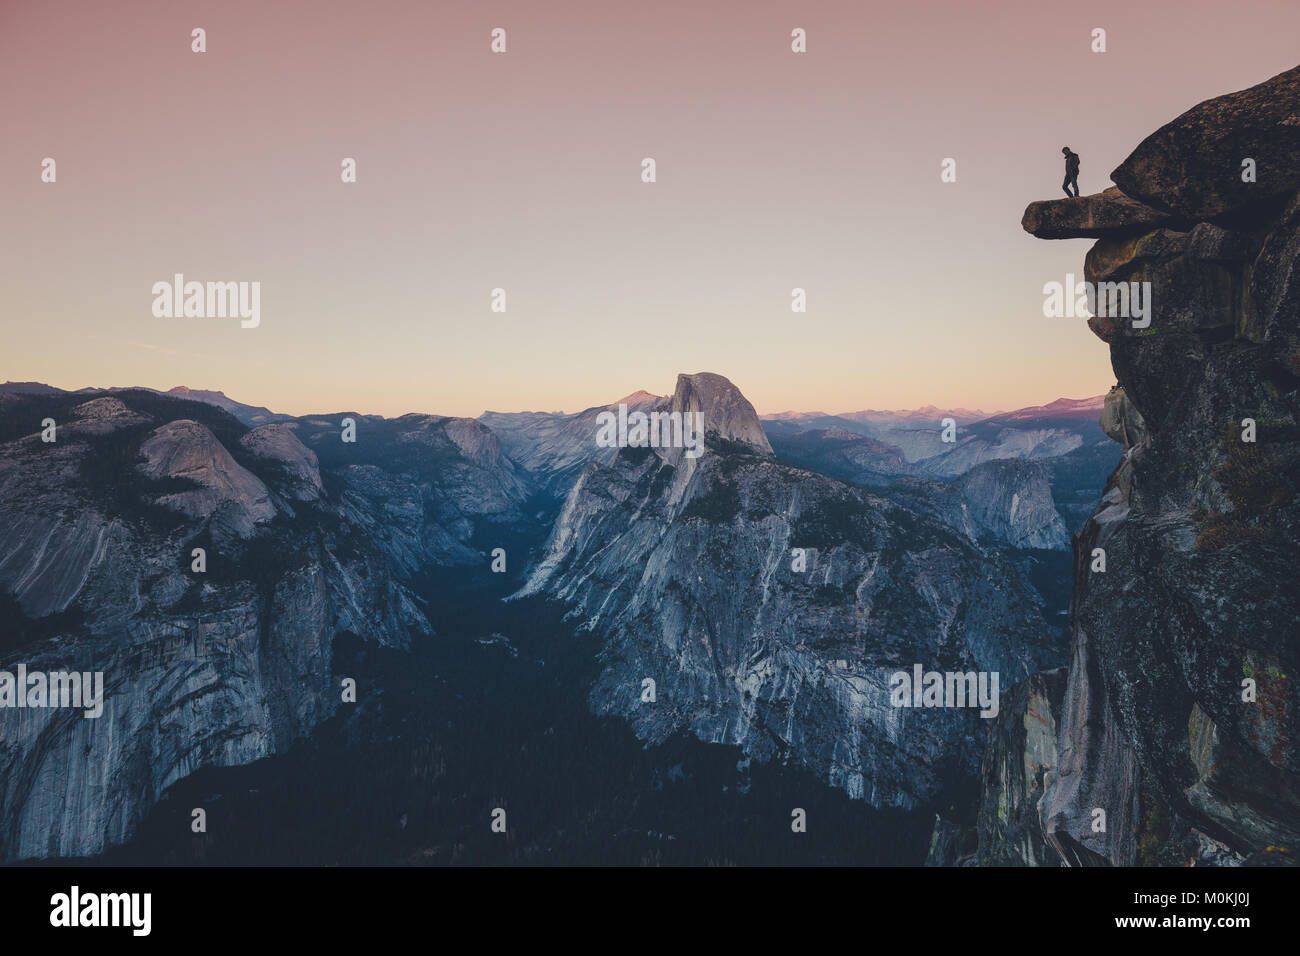 Un intrépido caminante está de pie sobre una roca que sobresale mirando hacia el famoso Half Dome, en Imagen De Stock